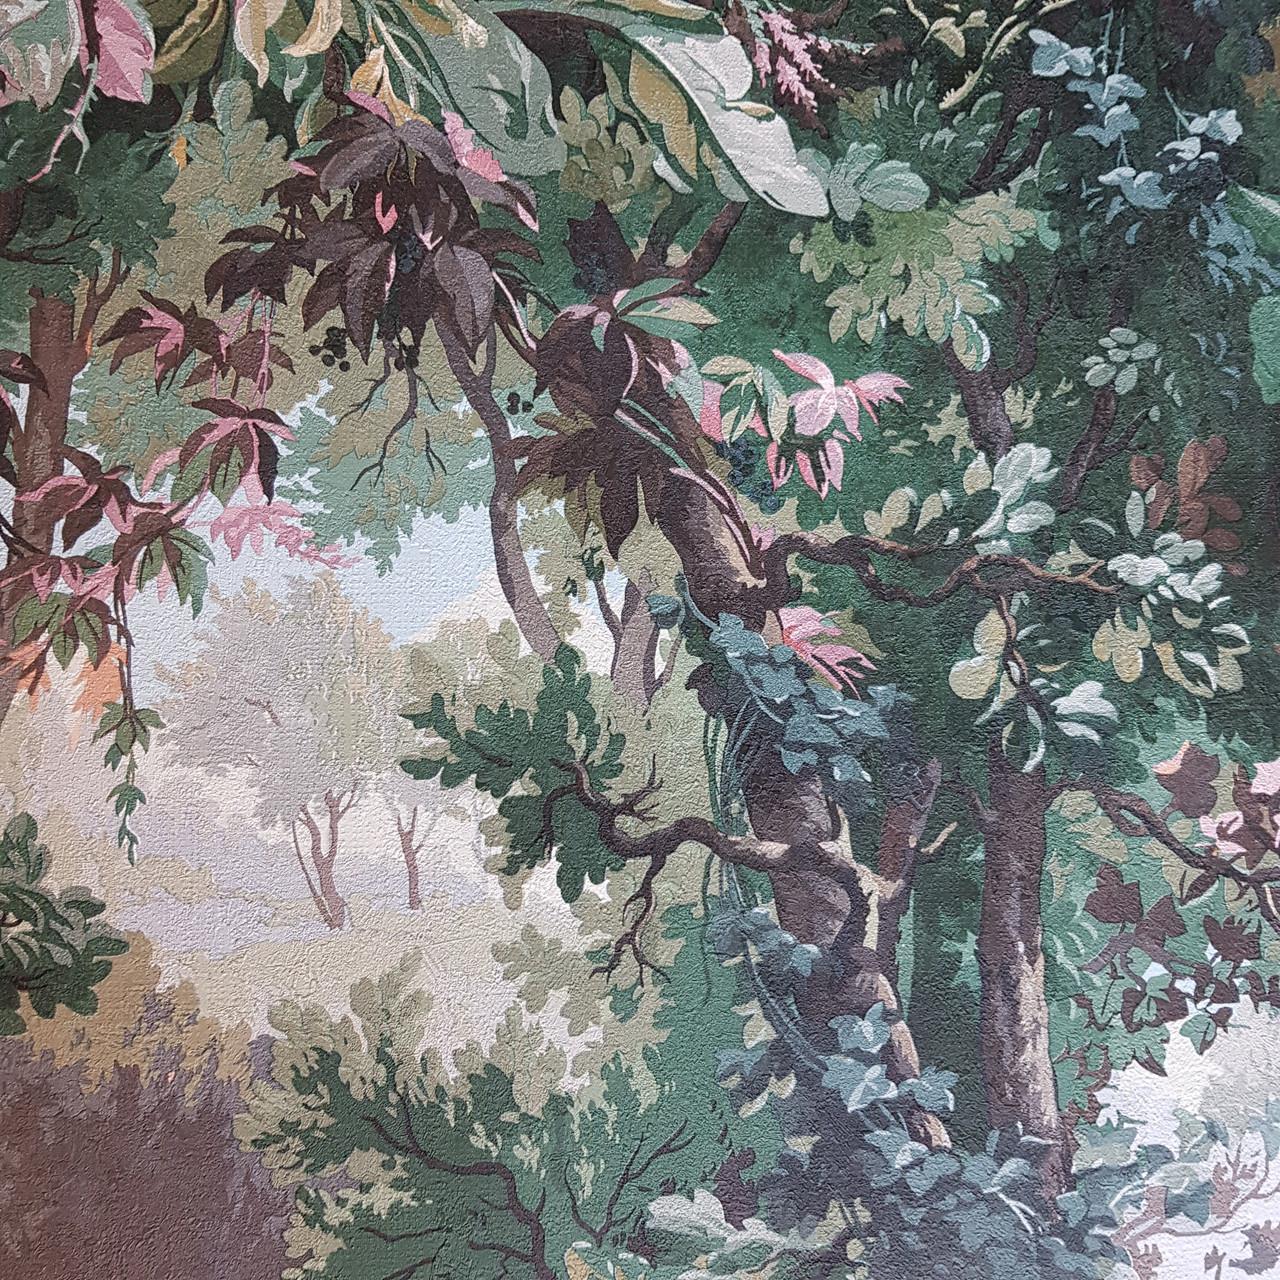 Шпалери вінілові на флізелін AS creation Impression метрові природа ліс дерева папороть птиці зелені 3д